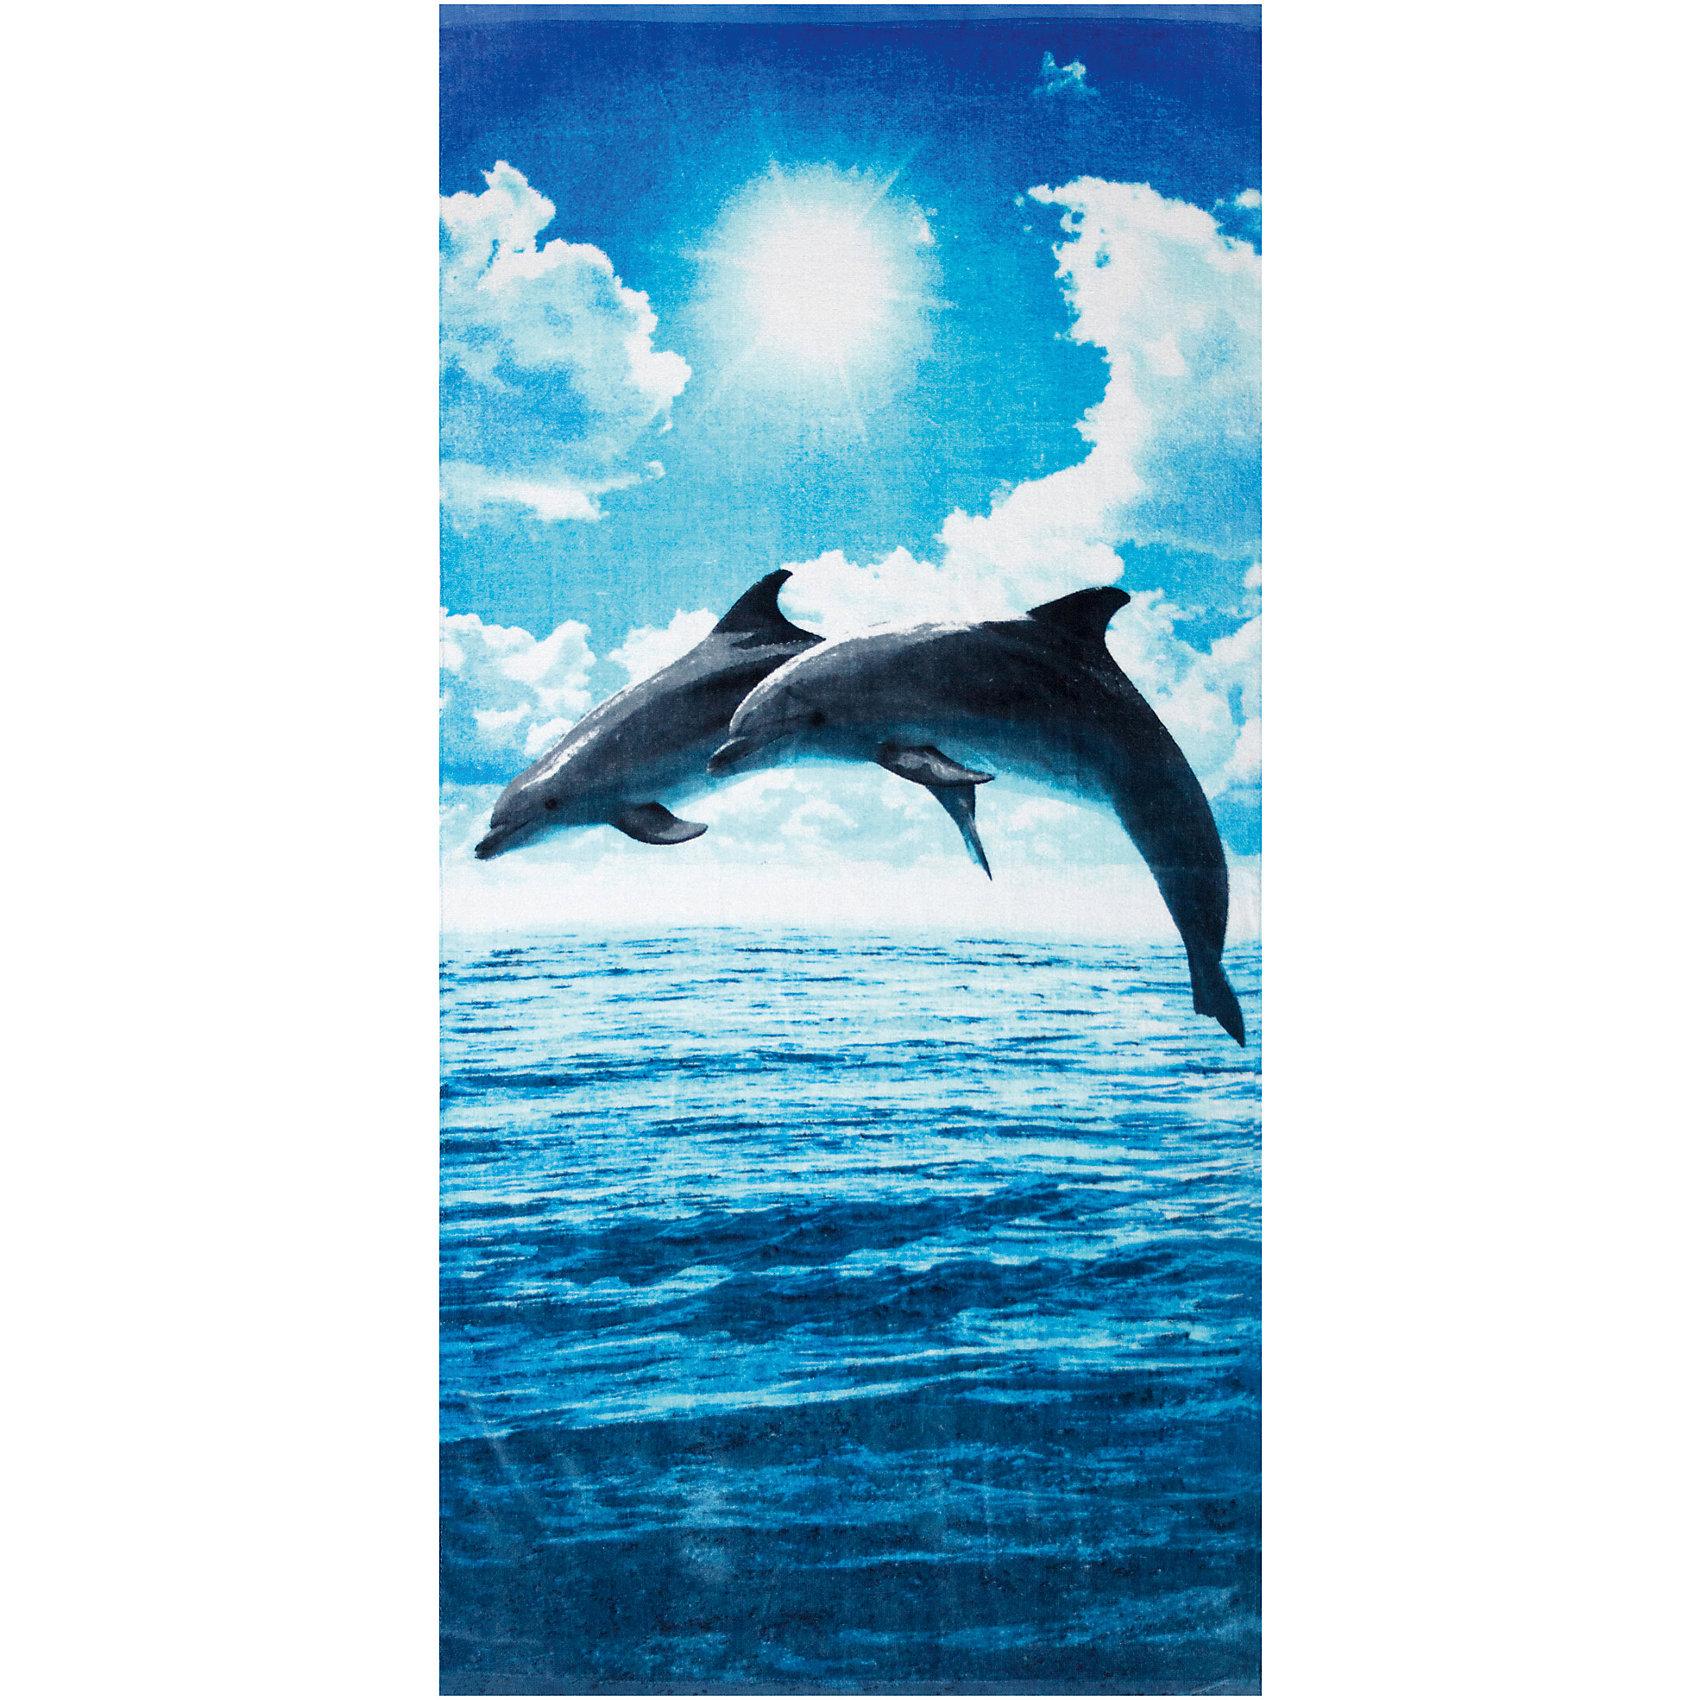 Пляжное полотенце Прыжки дельфинов 60*120 смПляжное полотенце Прыжки дельфинов 60*120 см – это удобное, яркое полотенце станет для ребенка незаменимым компаньоном после купания.<br>Пляжное полотенце Прыжки дельфинов пригодится на пляже, в бассейне, да везде, где есть вода. Полотенце с яркой расцветкой поднимет настроение и подарит много положительных эмоций. Им можно вытереть мокрое тело после купания или просто постелить на шезлонге или песке. Полотенце мягкое, легкое, хорошо впитывает влагу, сделано из 100% хлопка.<br><br>Дополнительная информация:<br><br>- Размер: 70х140 см.<br>- Материал: хлопок 100%<br><br>Пляжное полотенце Прыжки дельфинов 60*120 см можно купить в нашем интернет-магазине.<br><br>Ширина мм: 370<br>Глубина мм: 250<br>Высота мм: 20<br>Вес г: 319<br>Возраст от месяцев: 24<br>Возраст до месяцев: 192<br>Пол: Унисекс<br>Возраст: Детский<br>SKU: 4079870